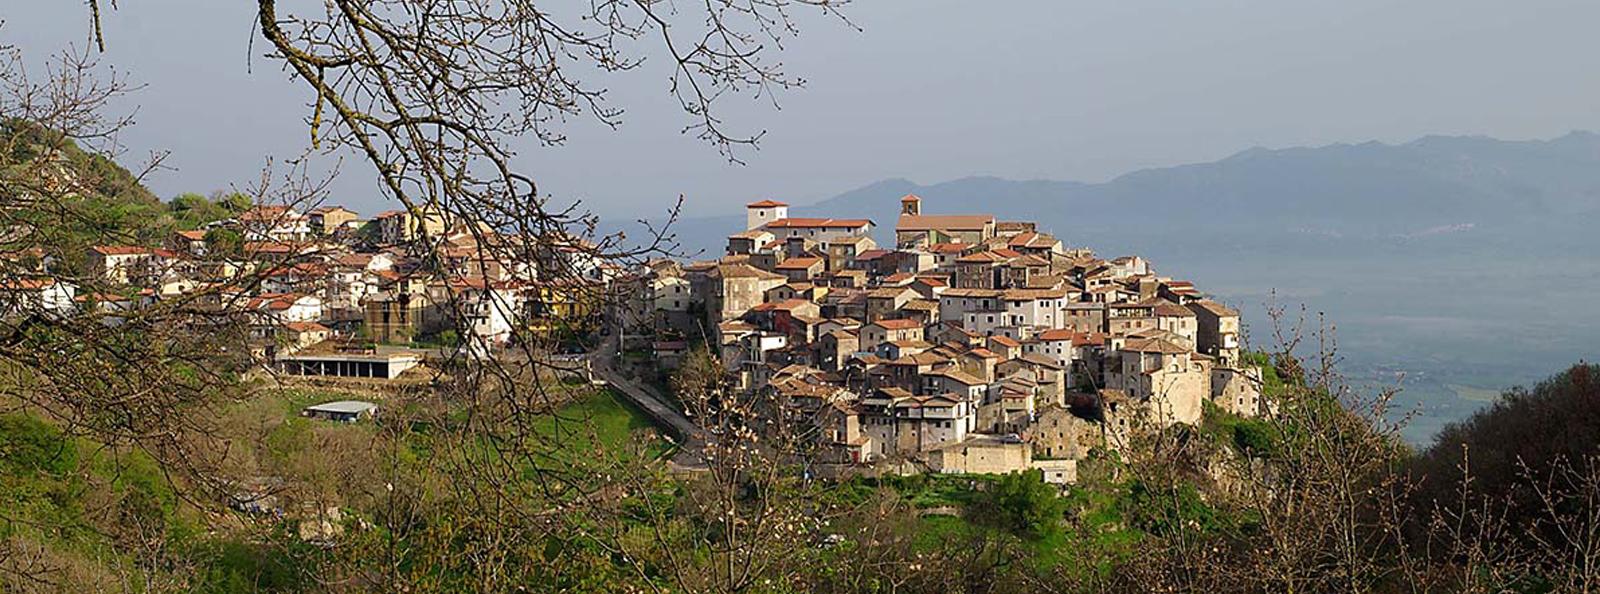 Gorga Monti Lepini